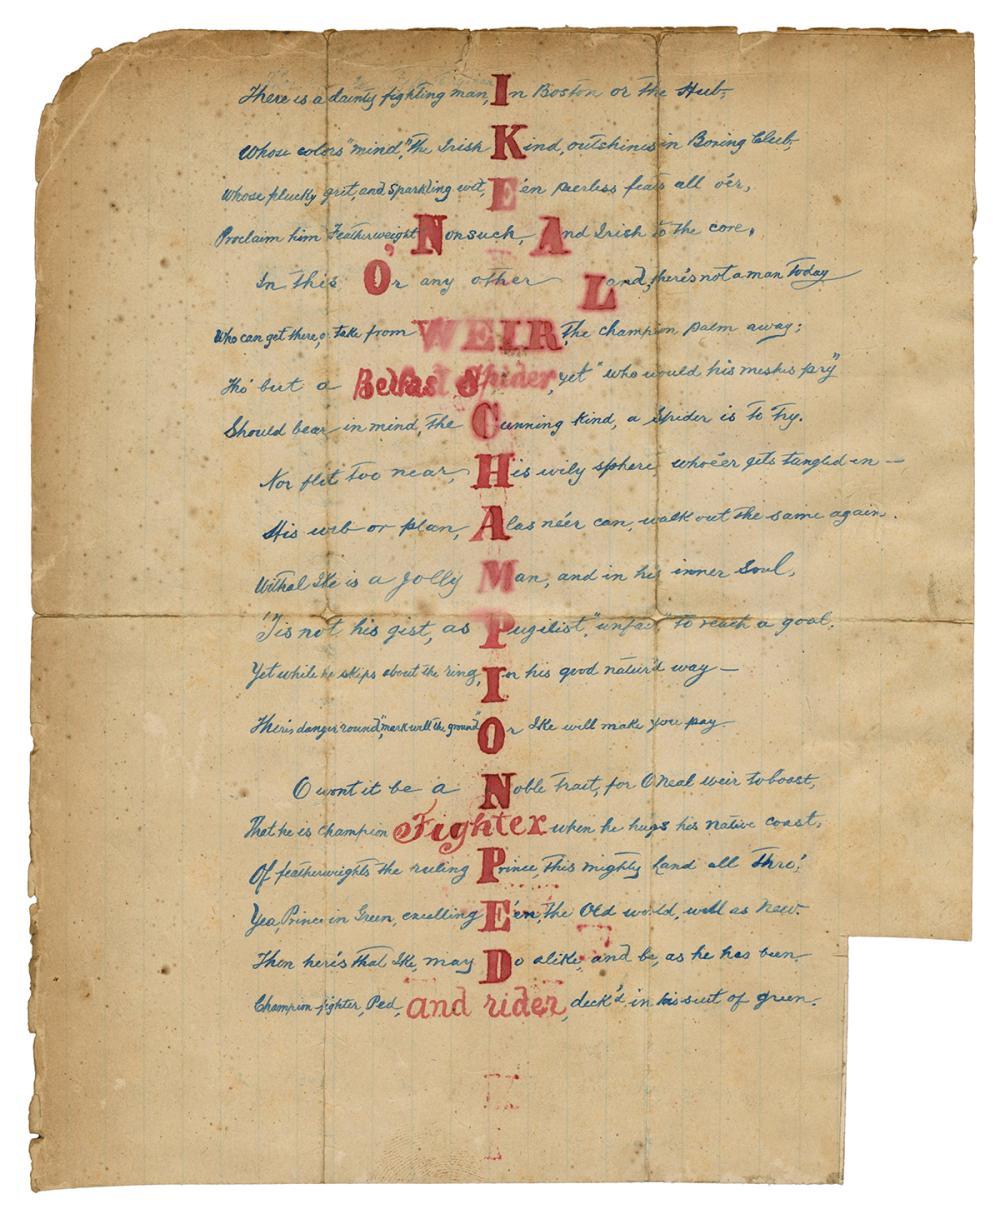 [BOXING]. WEIR, IKE (1867-1908). HANDWRITTEN POEM ABOUT IKE...